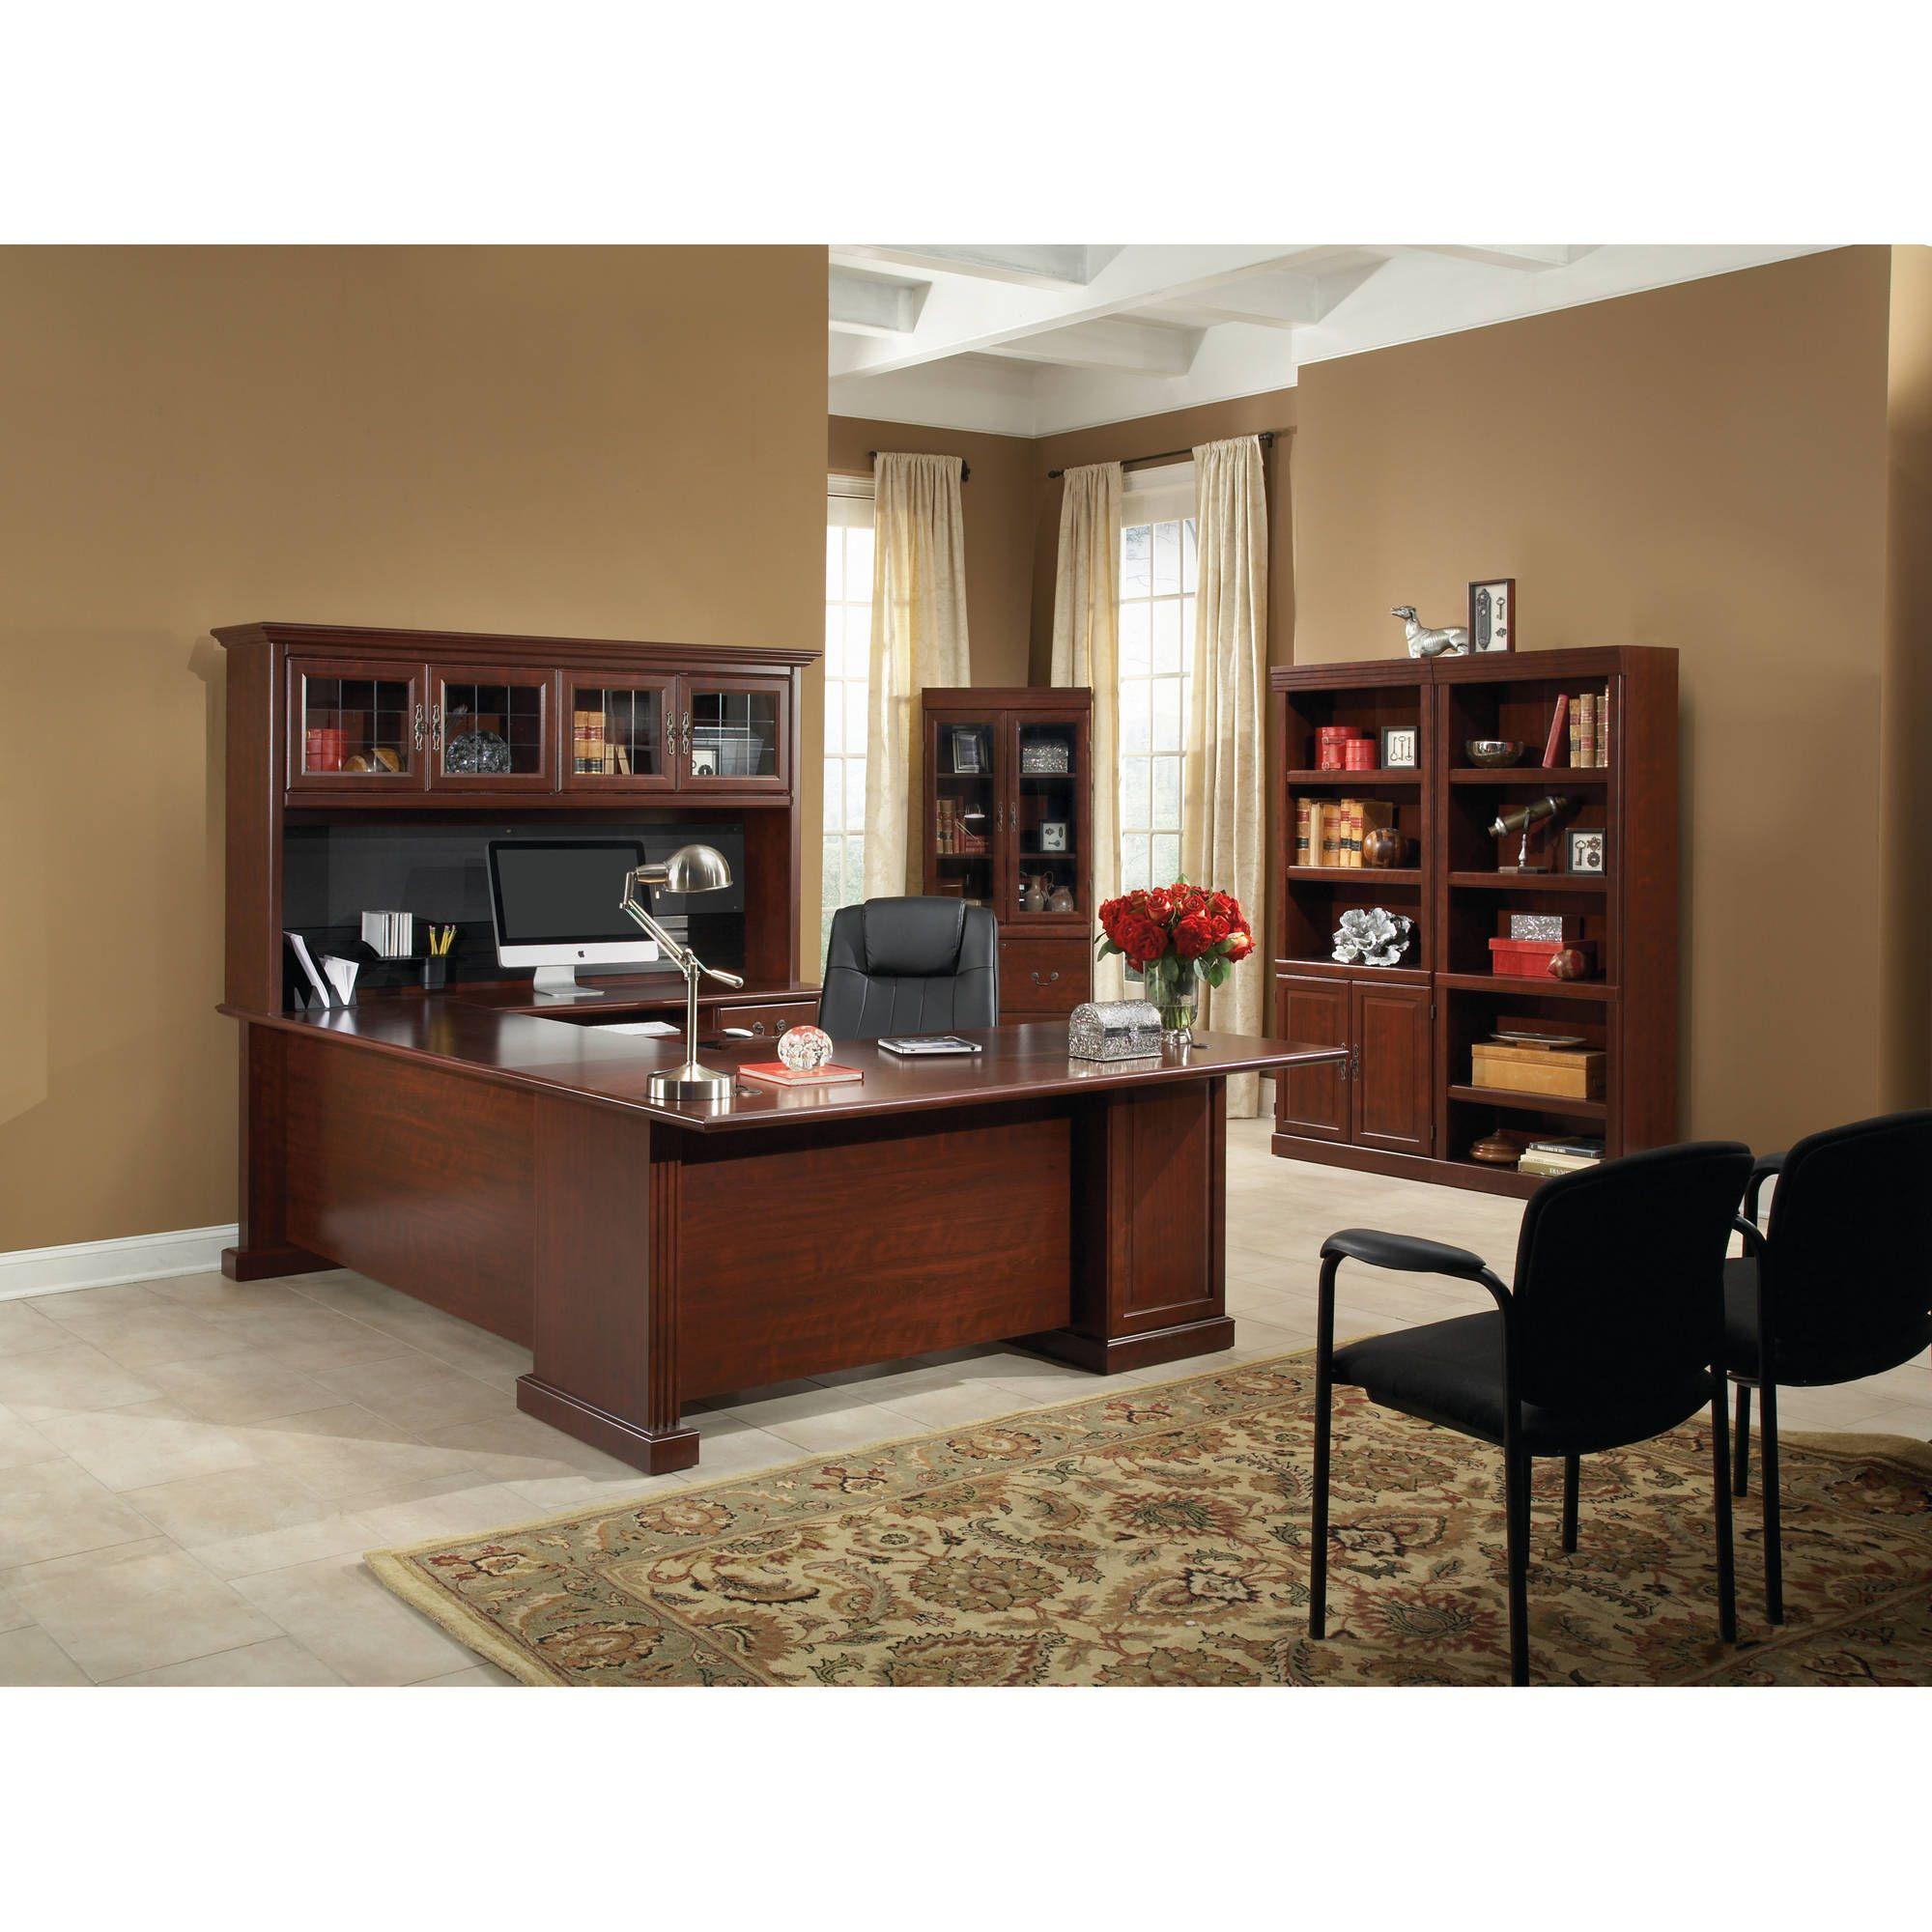 99+ Heritage Hill Executive Desk